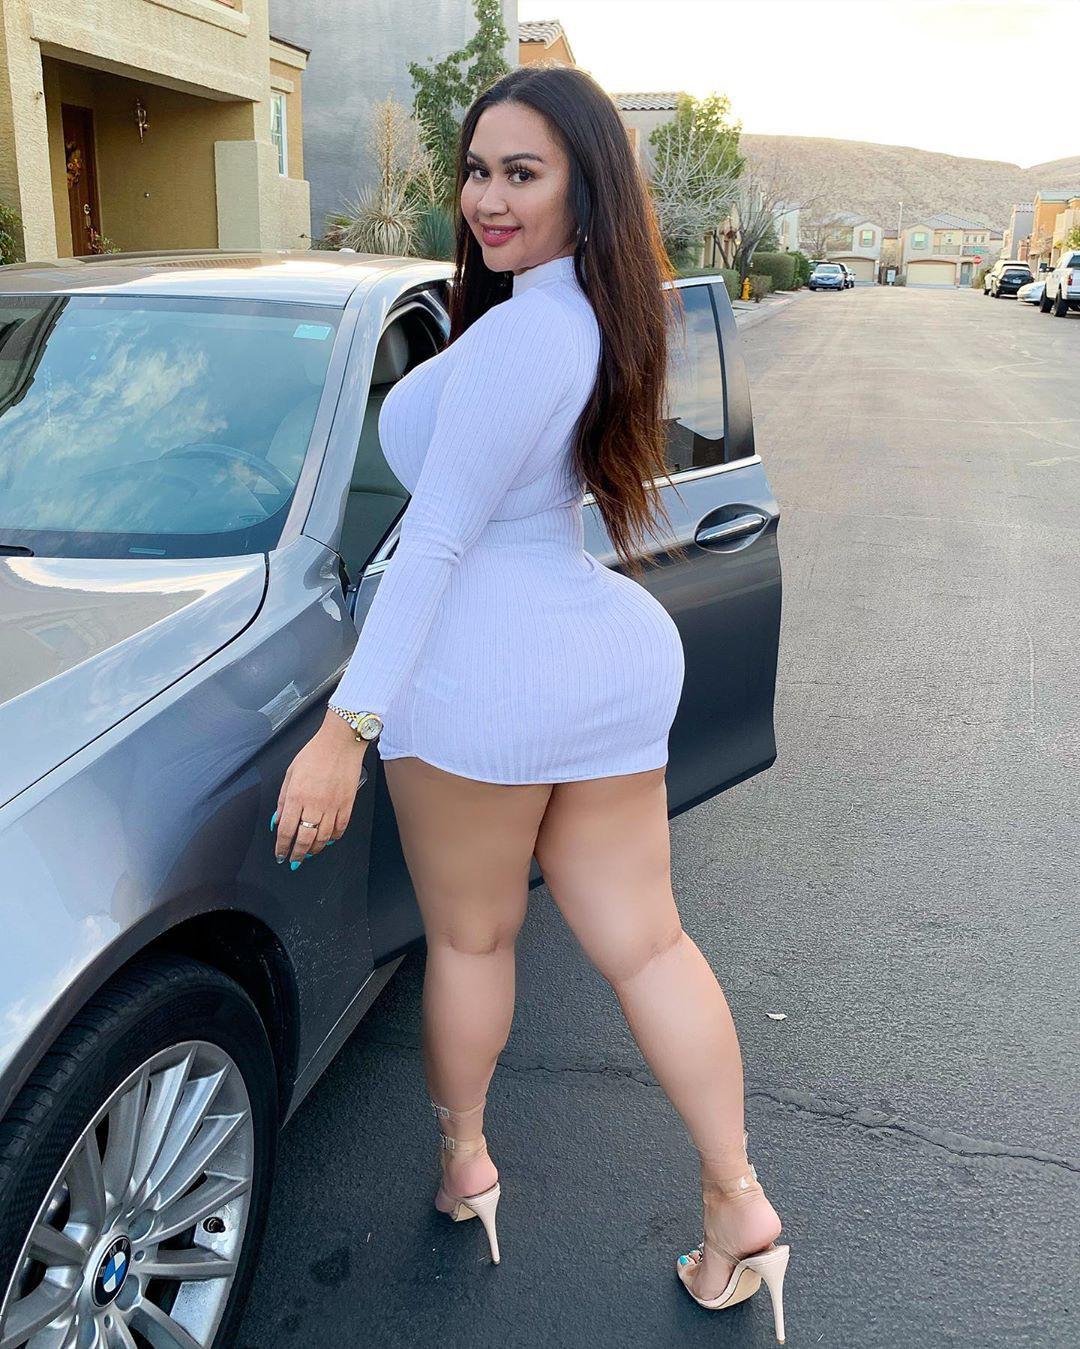 Tracy Lopez hot legs girls, legs pic, wardrobe ideas